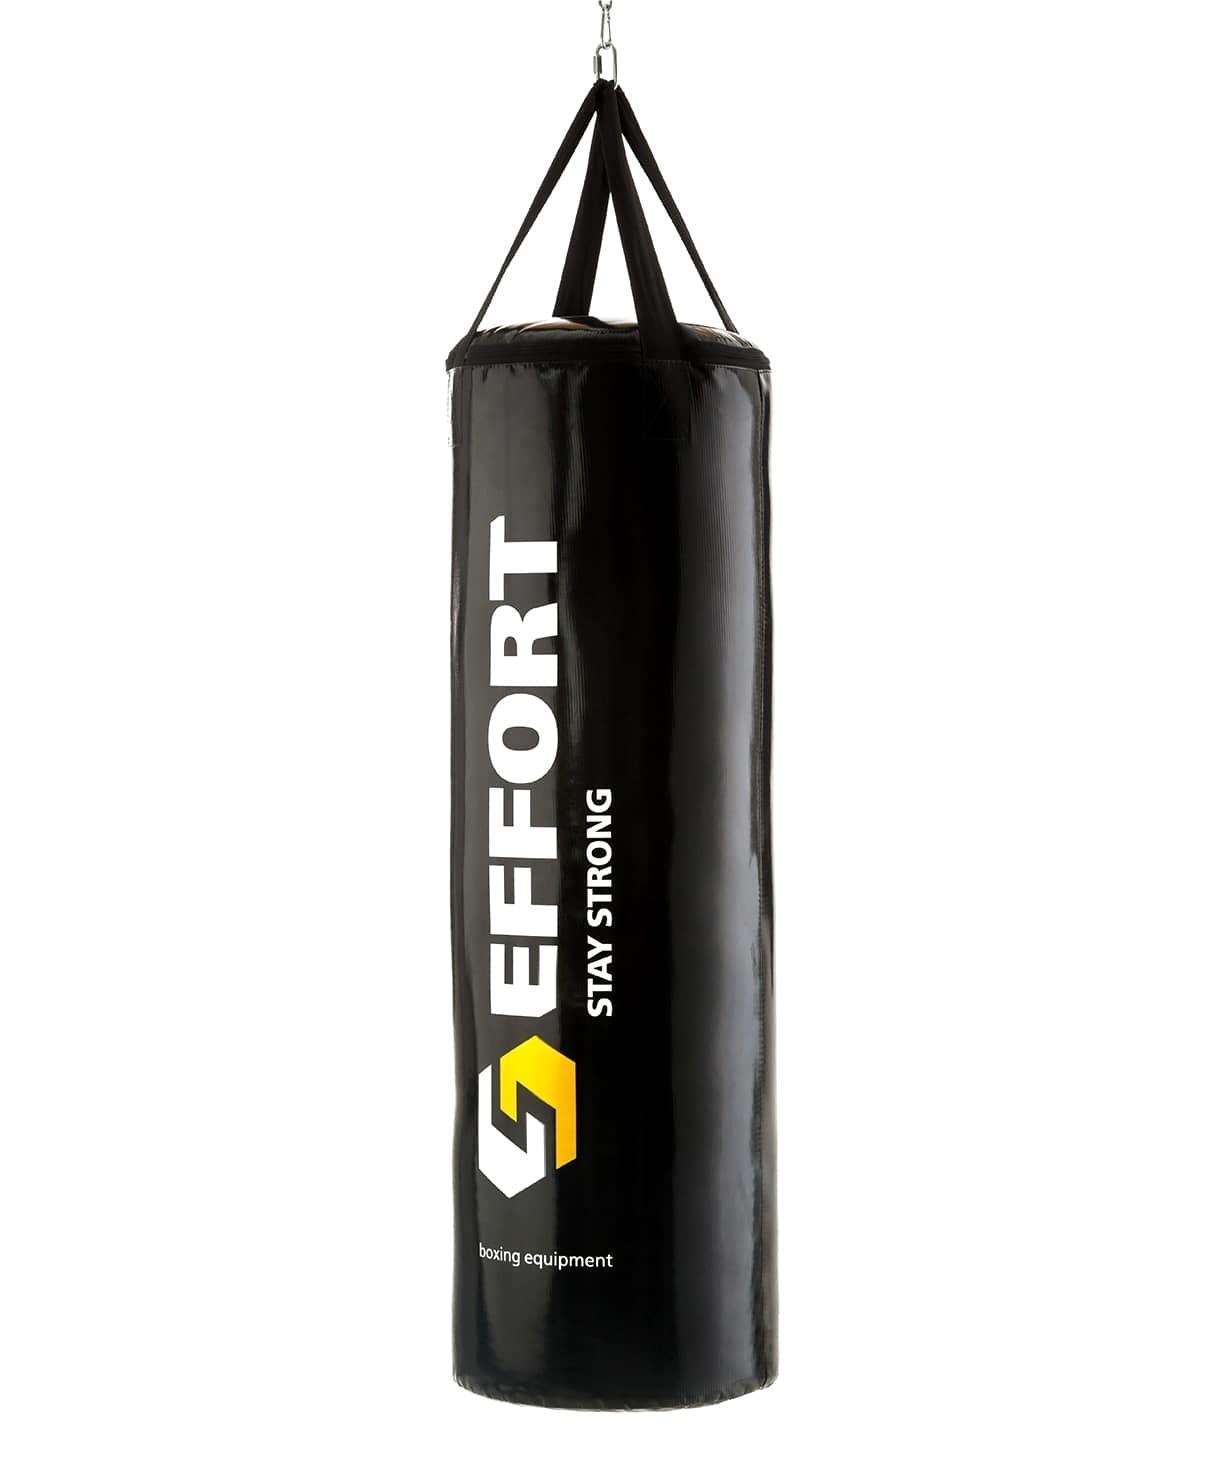 Мешок боксерский E155, тент, 15 кг, черный